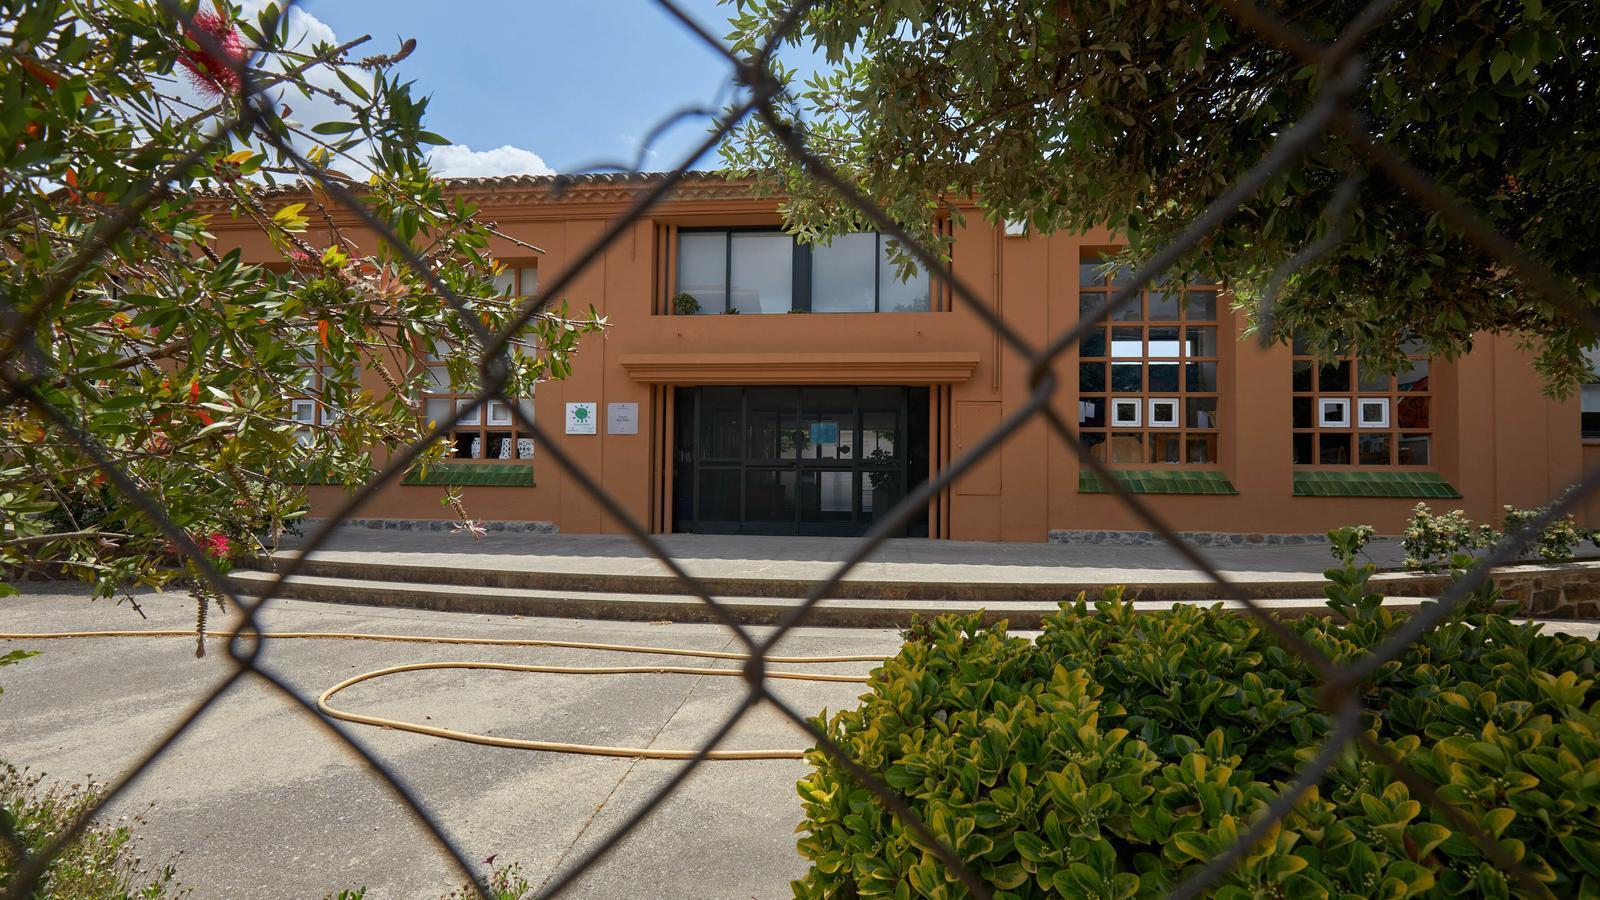 L'Ajuntament de Bàscara no obrirà l'Escola Pública Joan Reglà, amb l'entrada de Girona a la fase 2